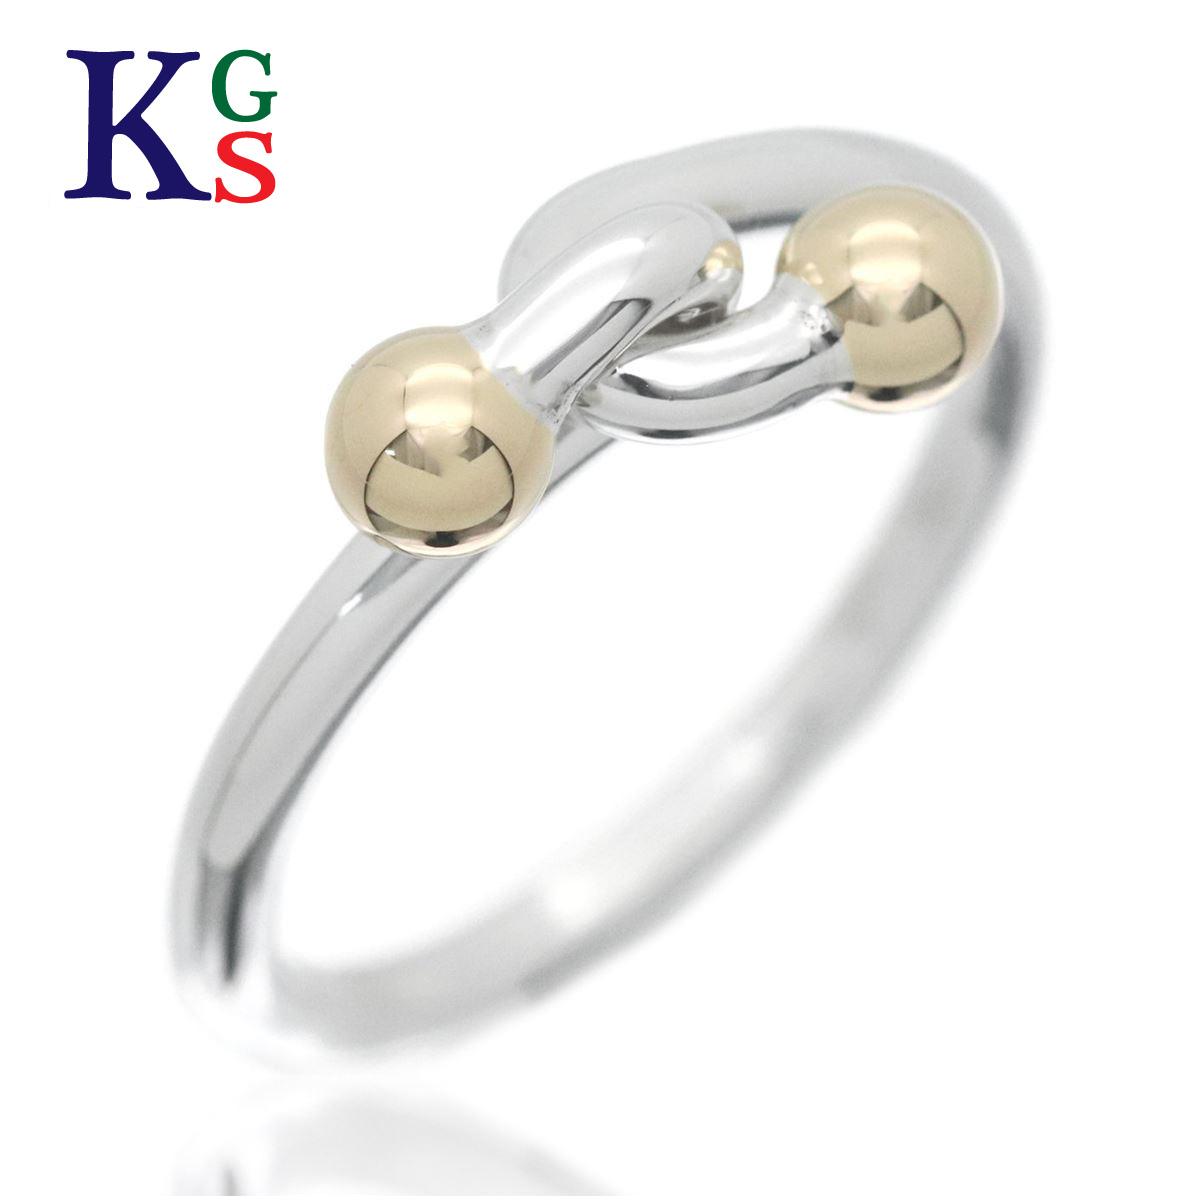 【ギフト品質】【名入れ】ティファニー/Tiffany&co レディース ジュエリー ツイリー ワイヤー コンビ リング/指輪 イエローゴールド×シルバー K18YG× Ag925